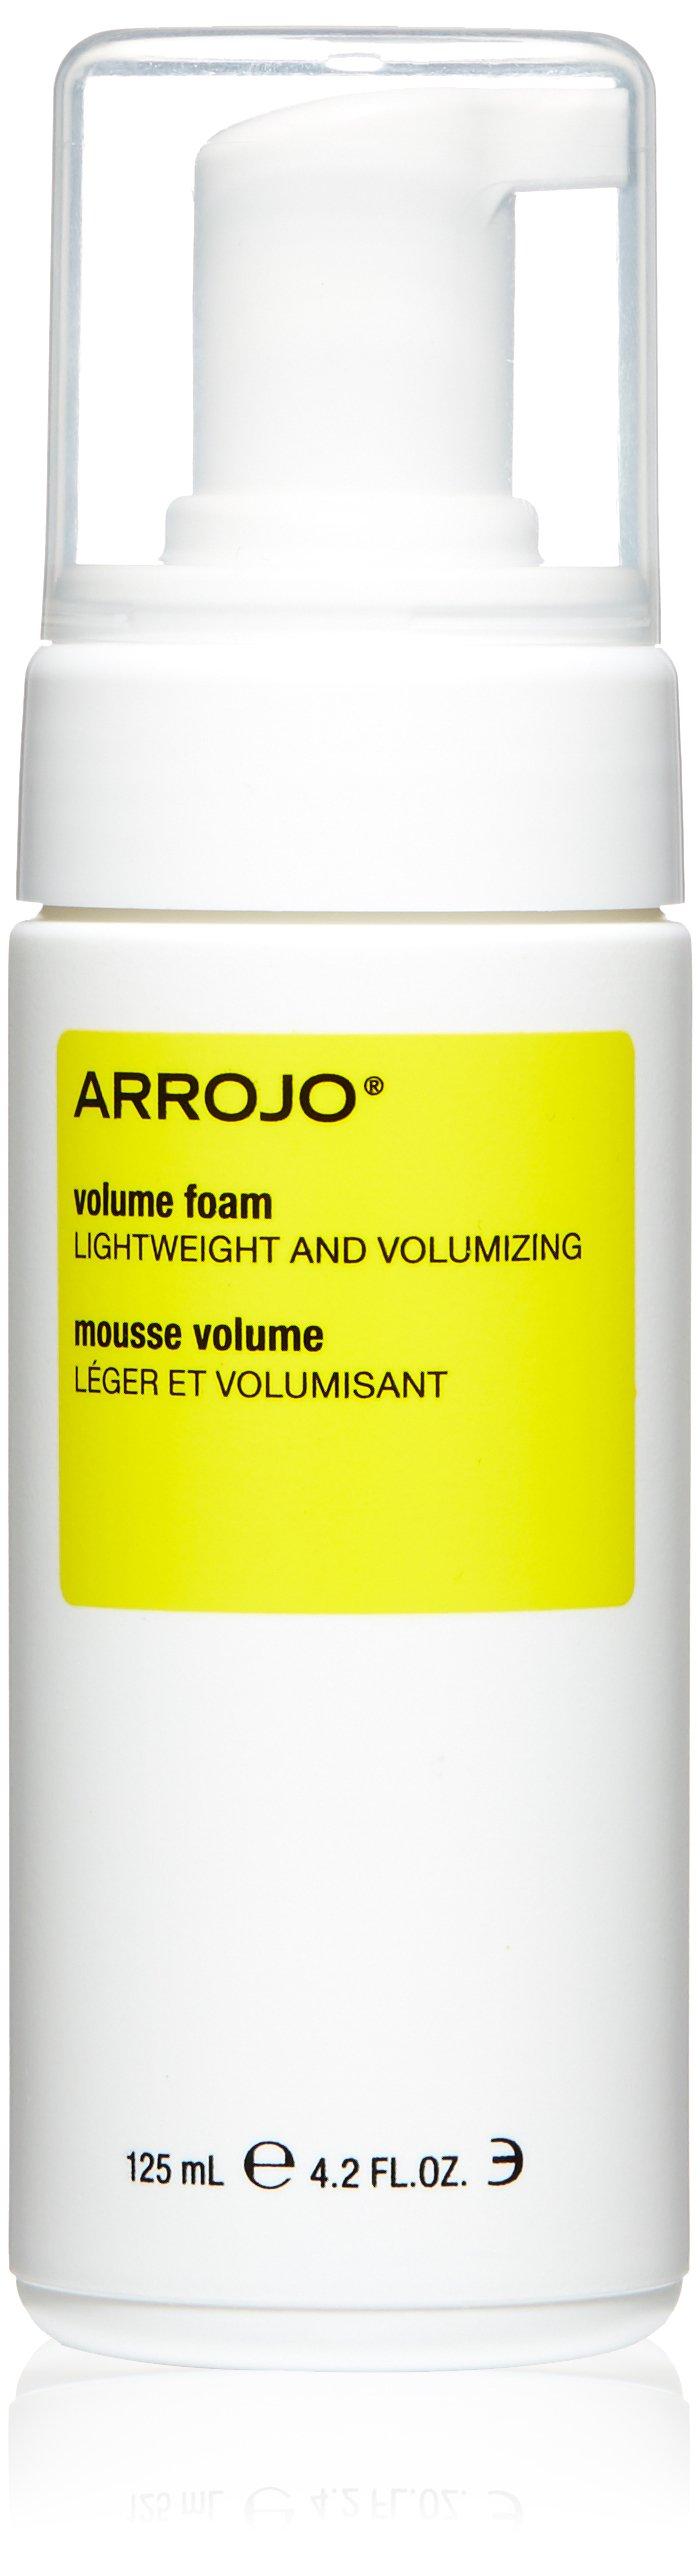 ARROJO Volume Foam, 4.2 Fl Oz